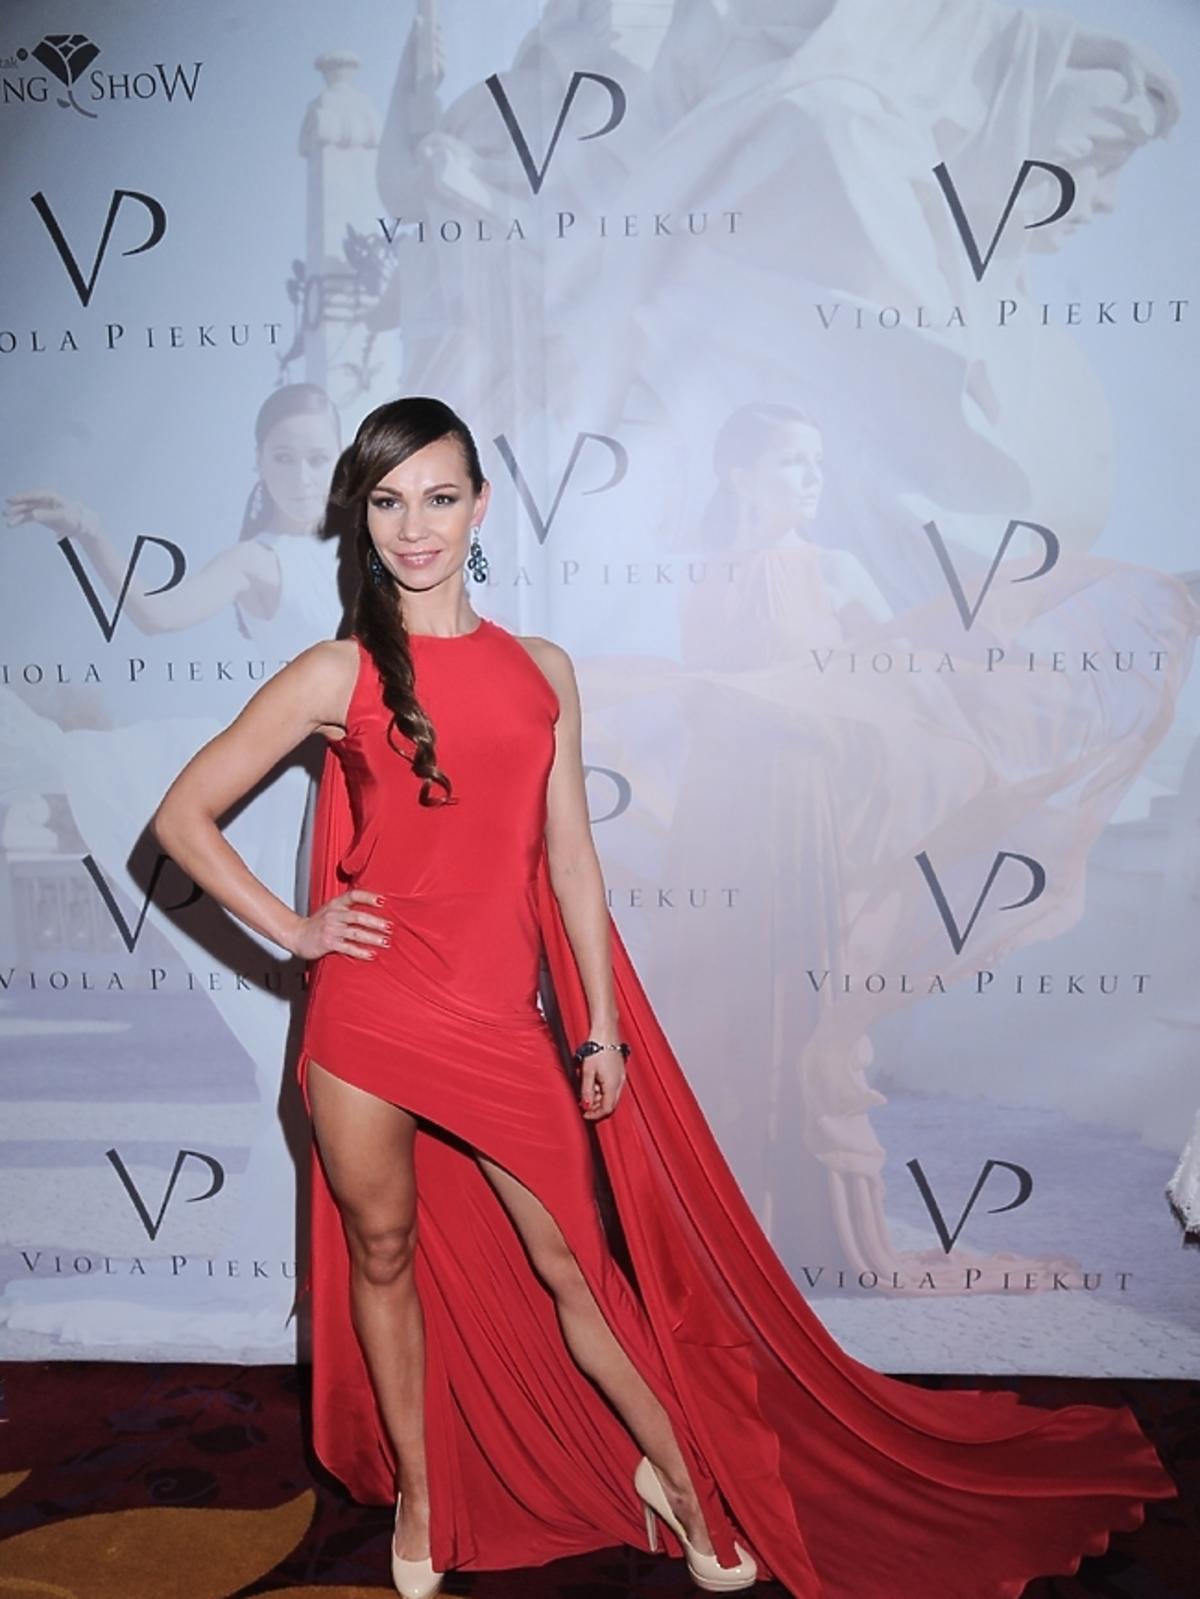 Nina Tyrka na pokazie Violi Piekut podczas Wedding Show